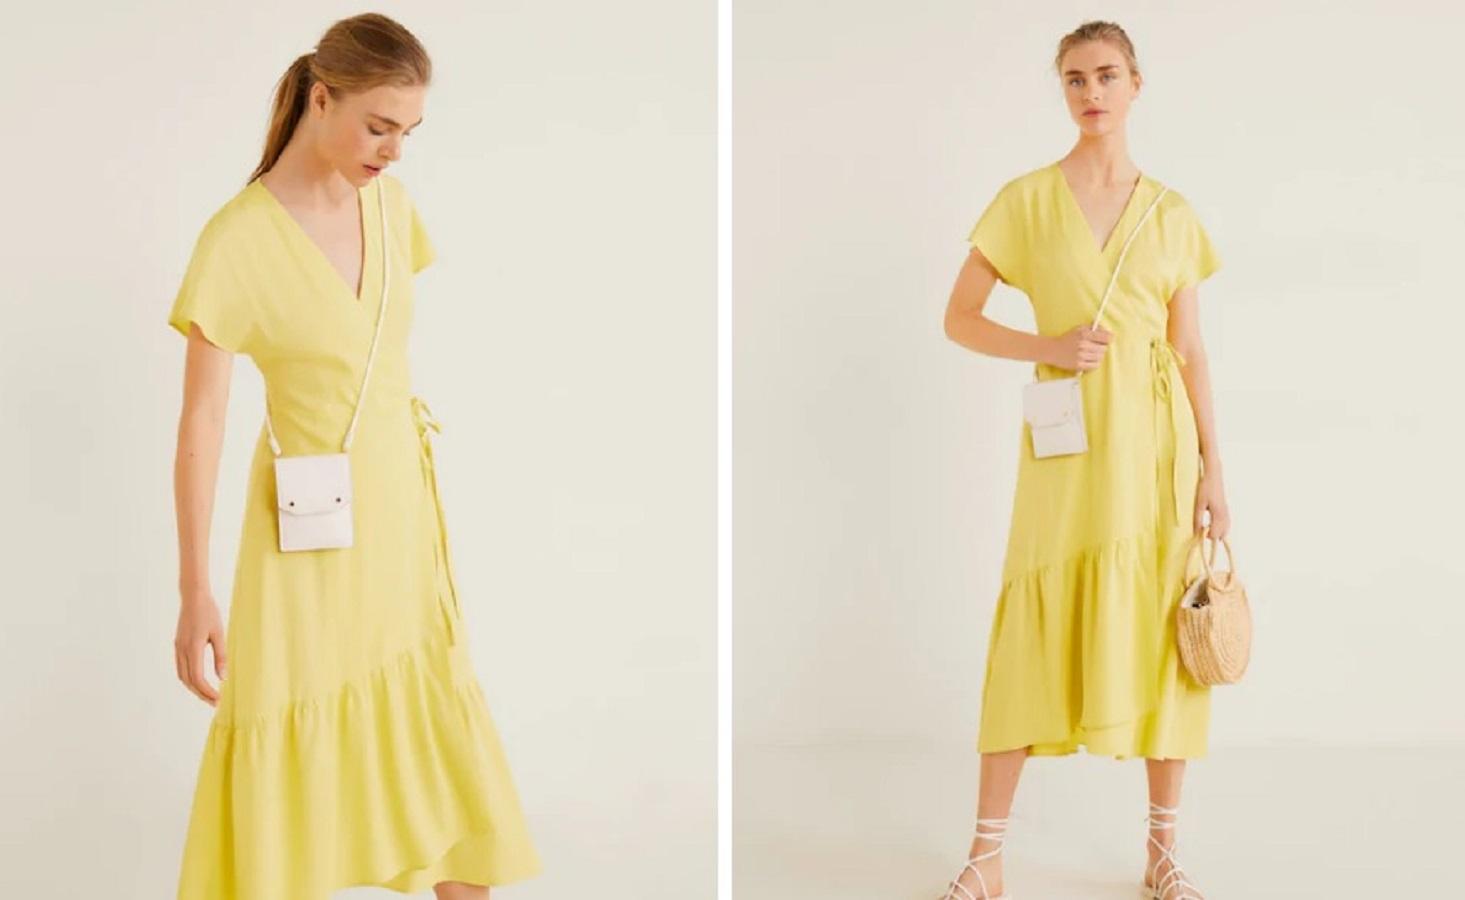 Il vestito giallo volant Mango da 22,99 € per una gita fuori porta